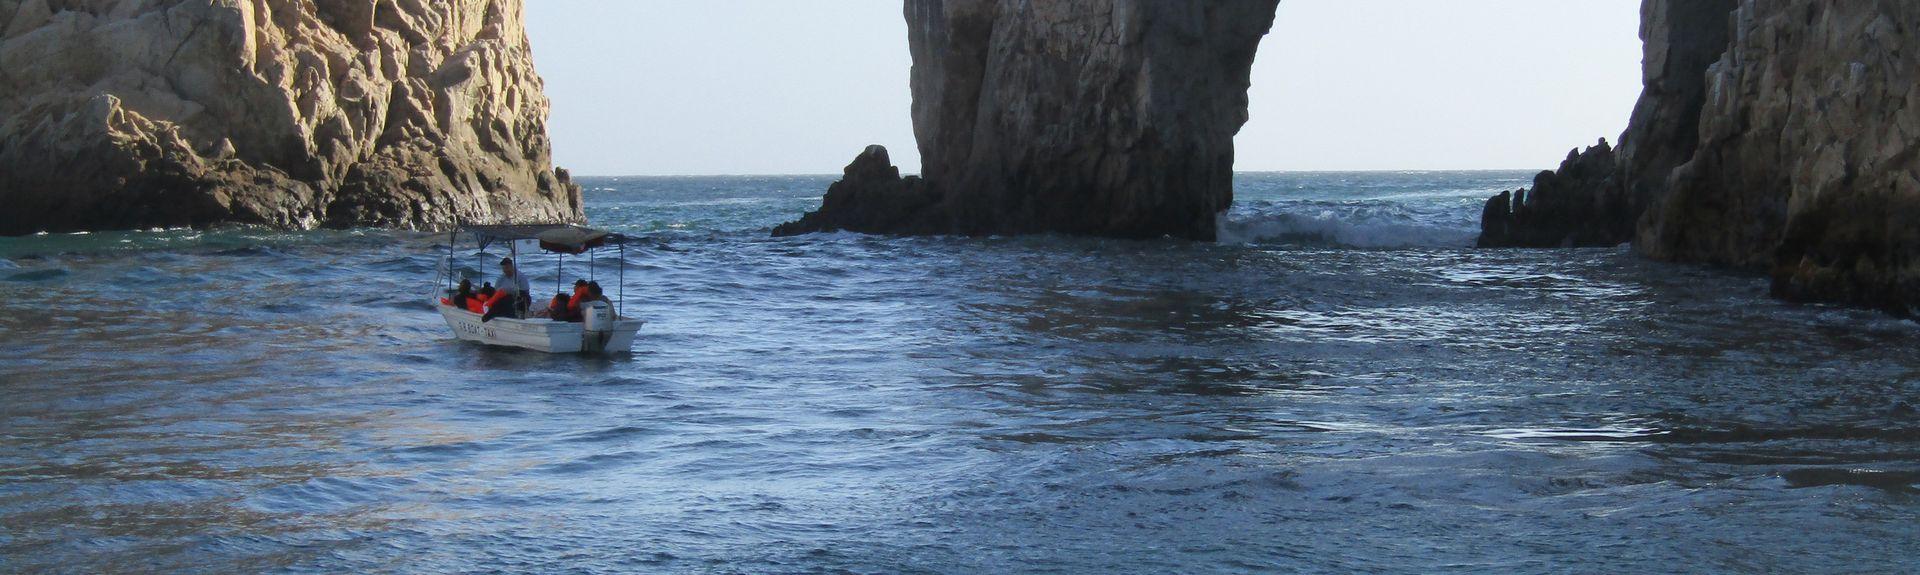 Cabo Villas Beach Resort & Spa (Cabo San Lucas, Baja California Sur, México)